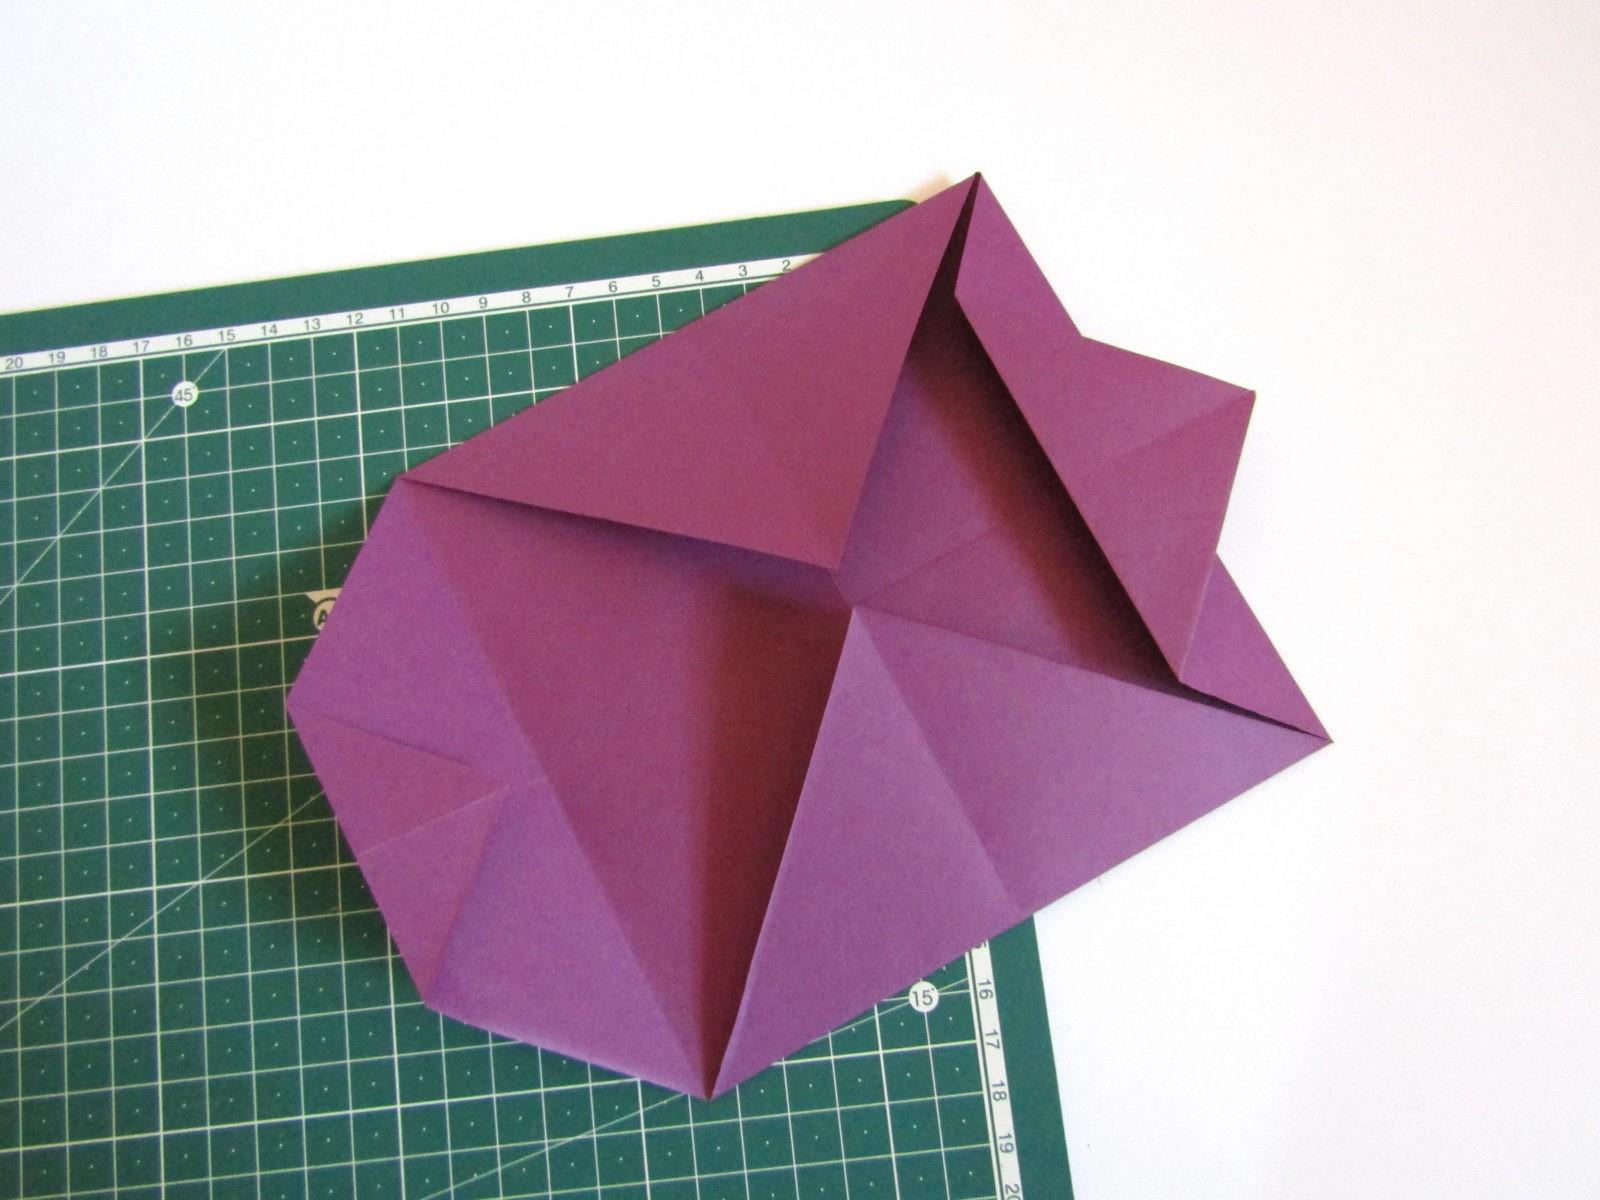 Очень легко и просто можно создать объемную поделку без использования клея. Конечно, даже ножницы могут и не понадобиться, если изначально у вас будет готовая заготовка в виде квадрата. Так получим собачку оригами благодаря ловкости рук! - 6